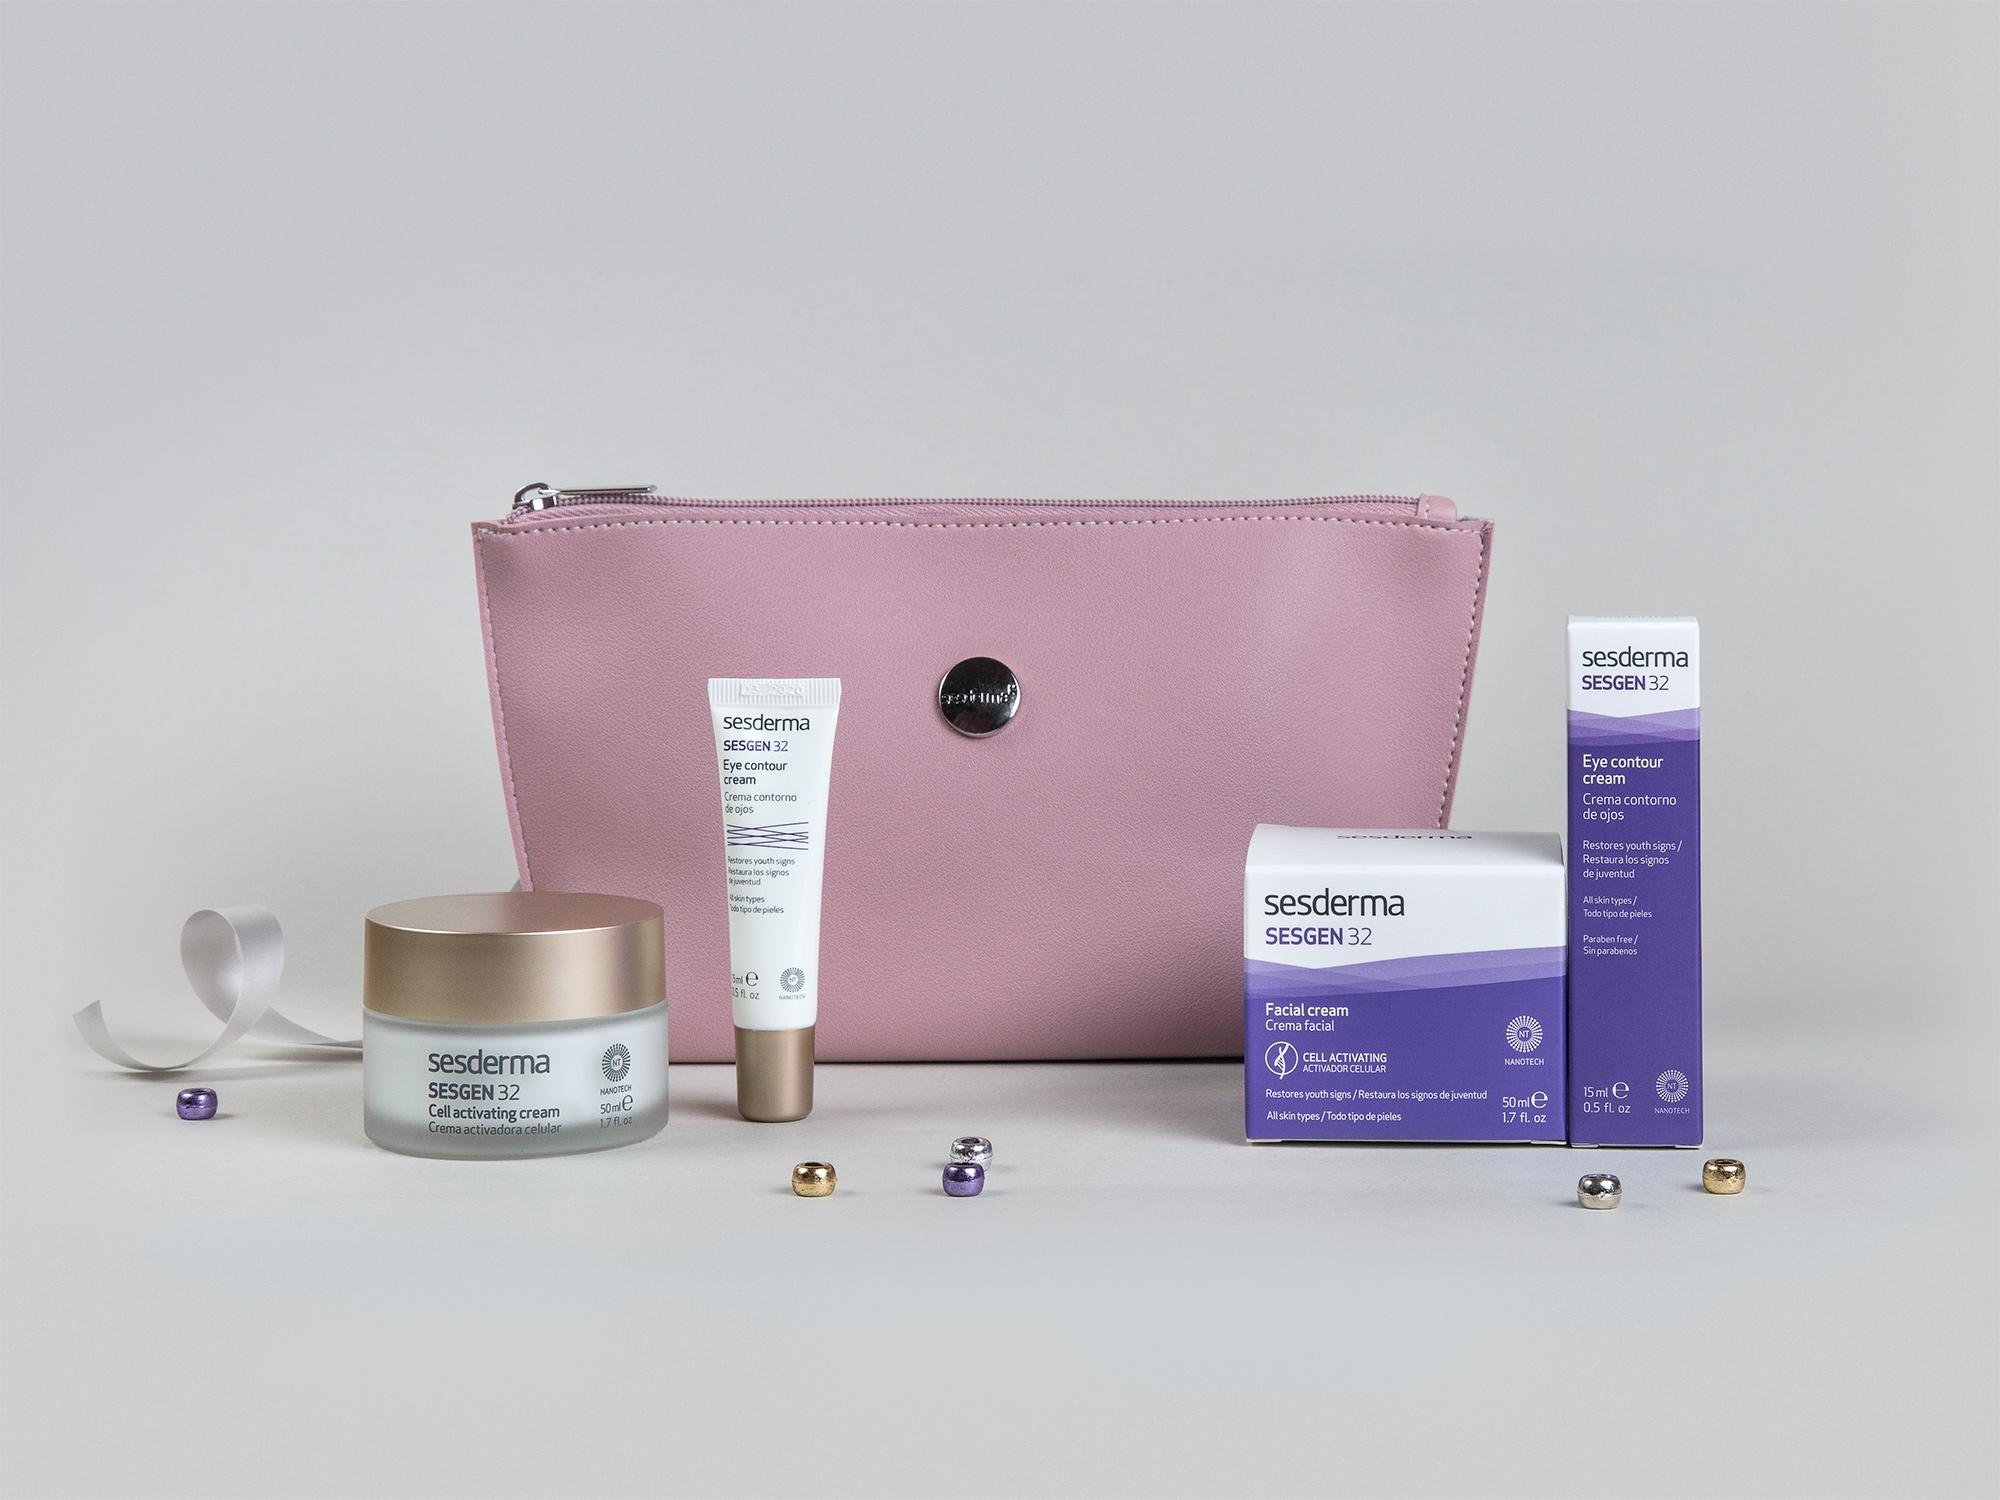 SESGEN 32 Krem odżywczy aktywujący komórki (50 ml) + Krem kontur oczu (15 ml) + kosmetyczka